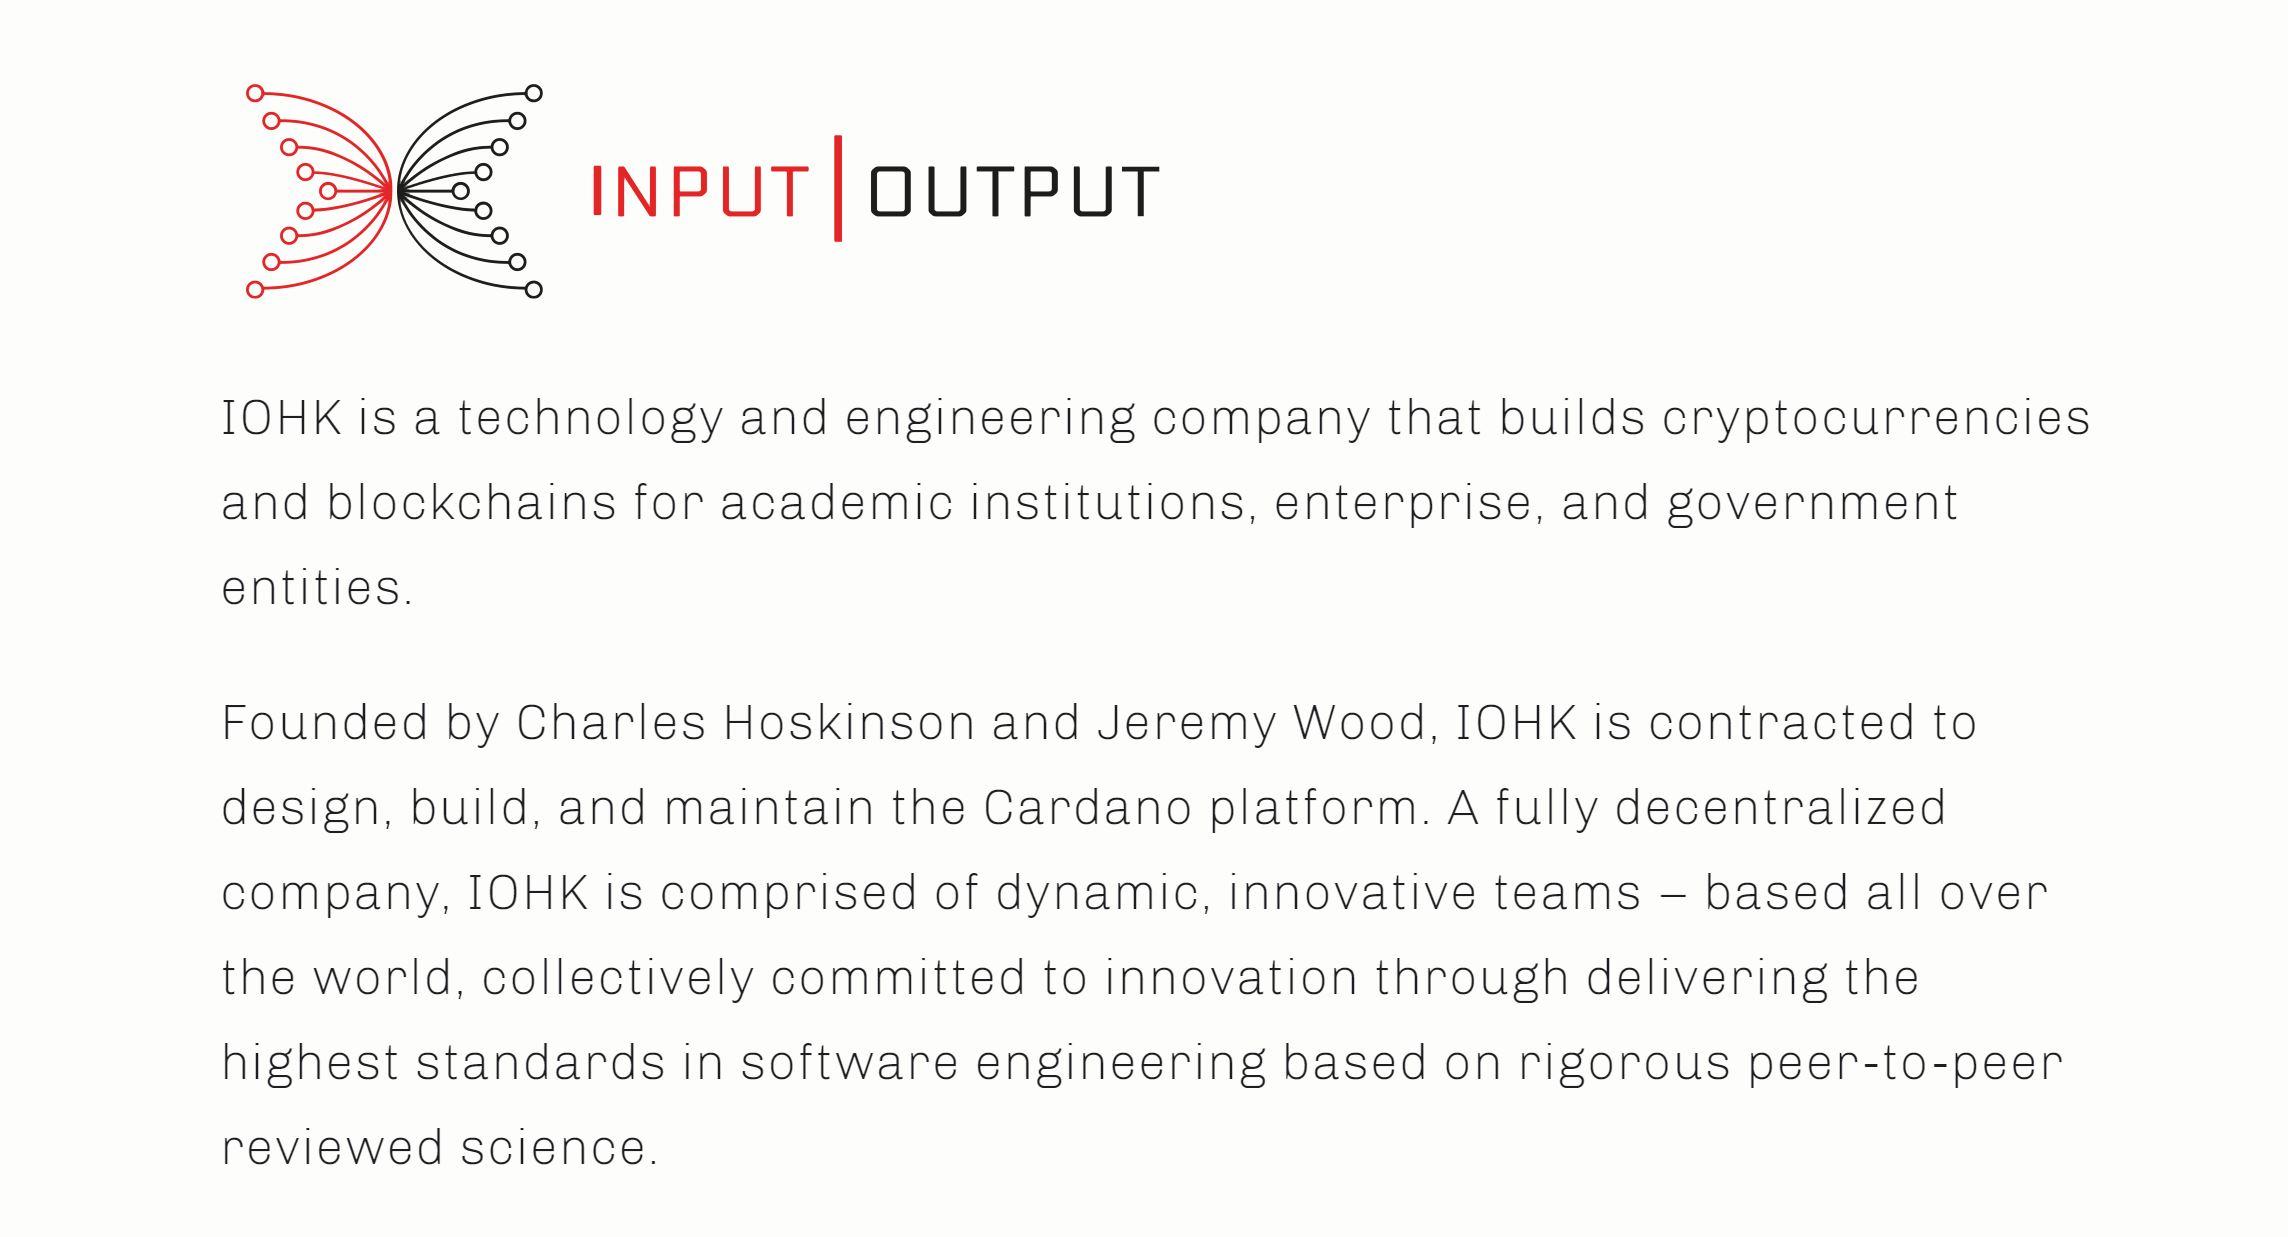 Cardano Partner Input Output Hong Kong